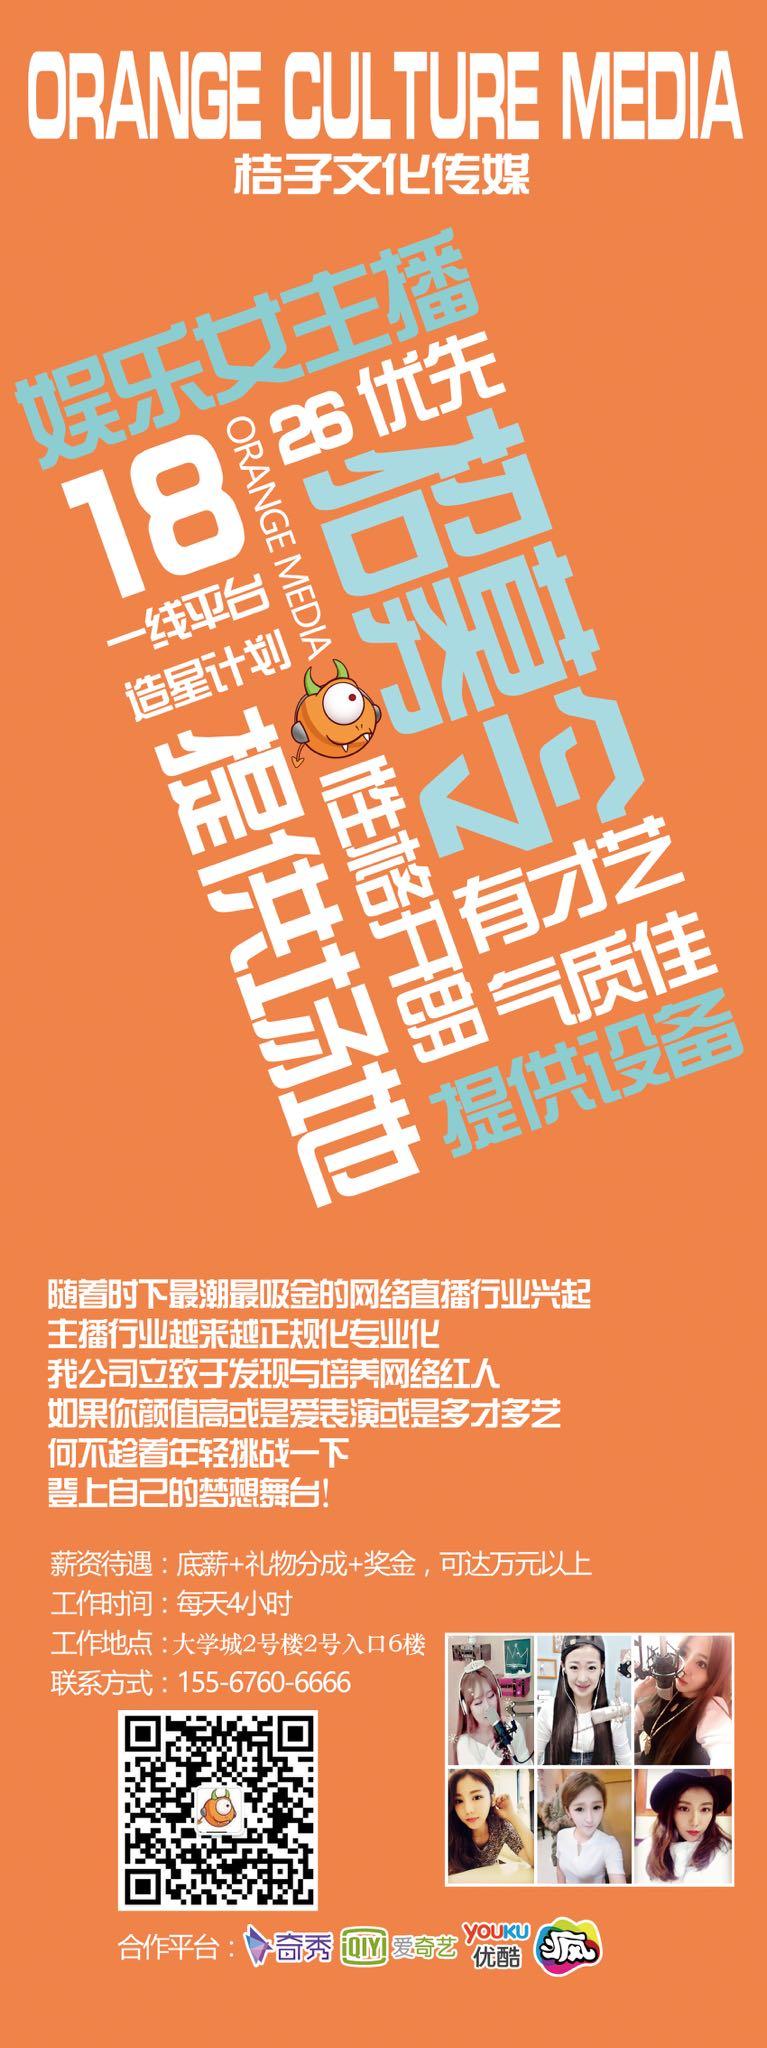 来自刘毅恒发布的招聘信息:招聘网络主播,培养网络红人。... - 延边桔子文化传媒有限公司